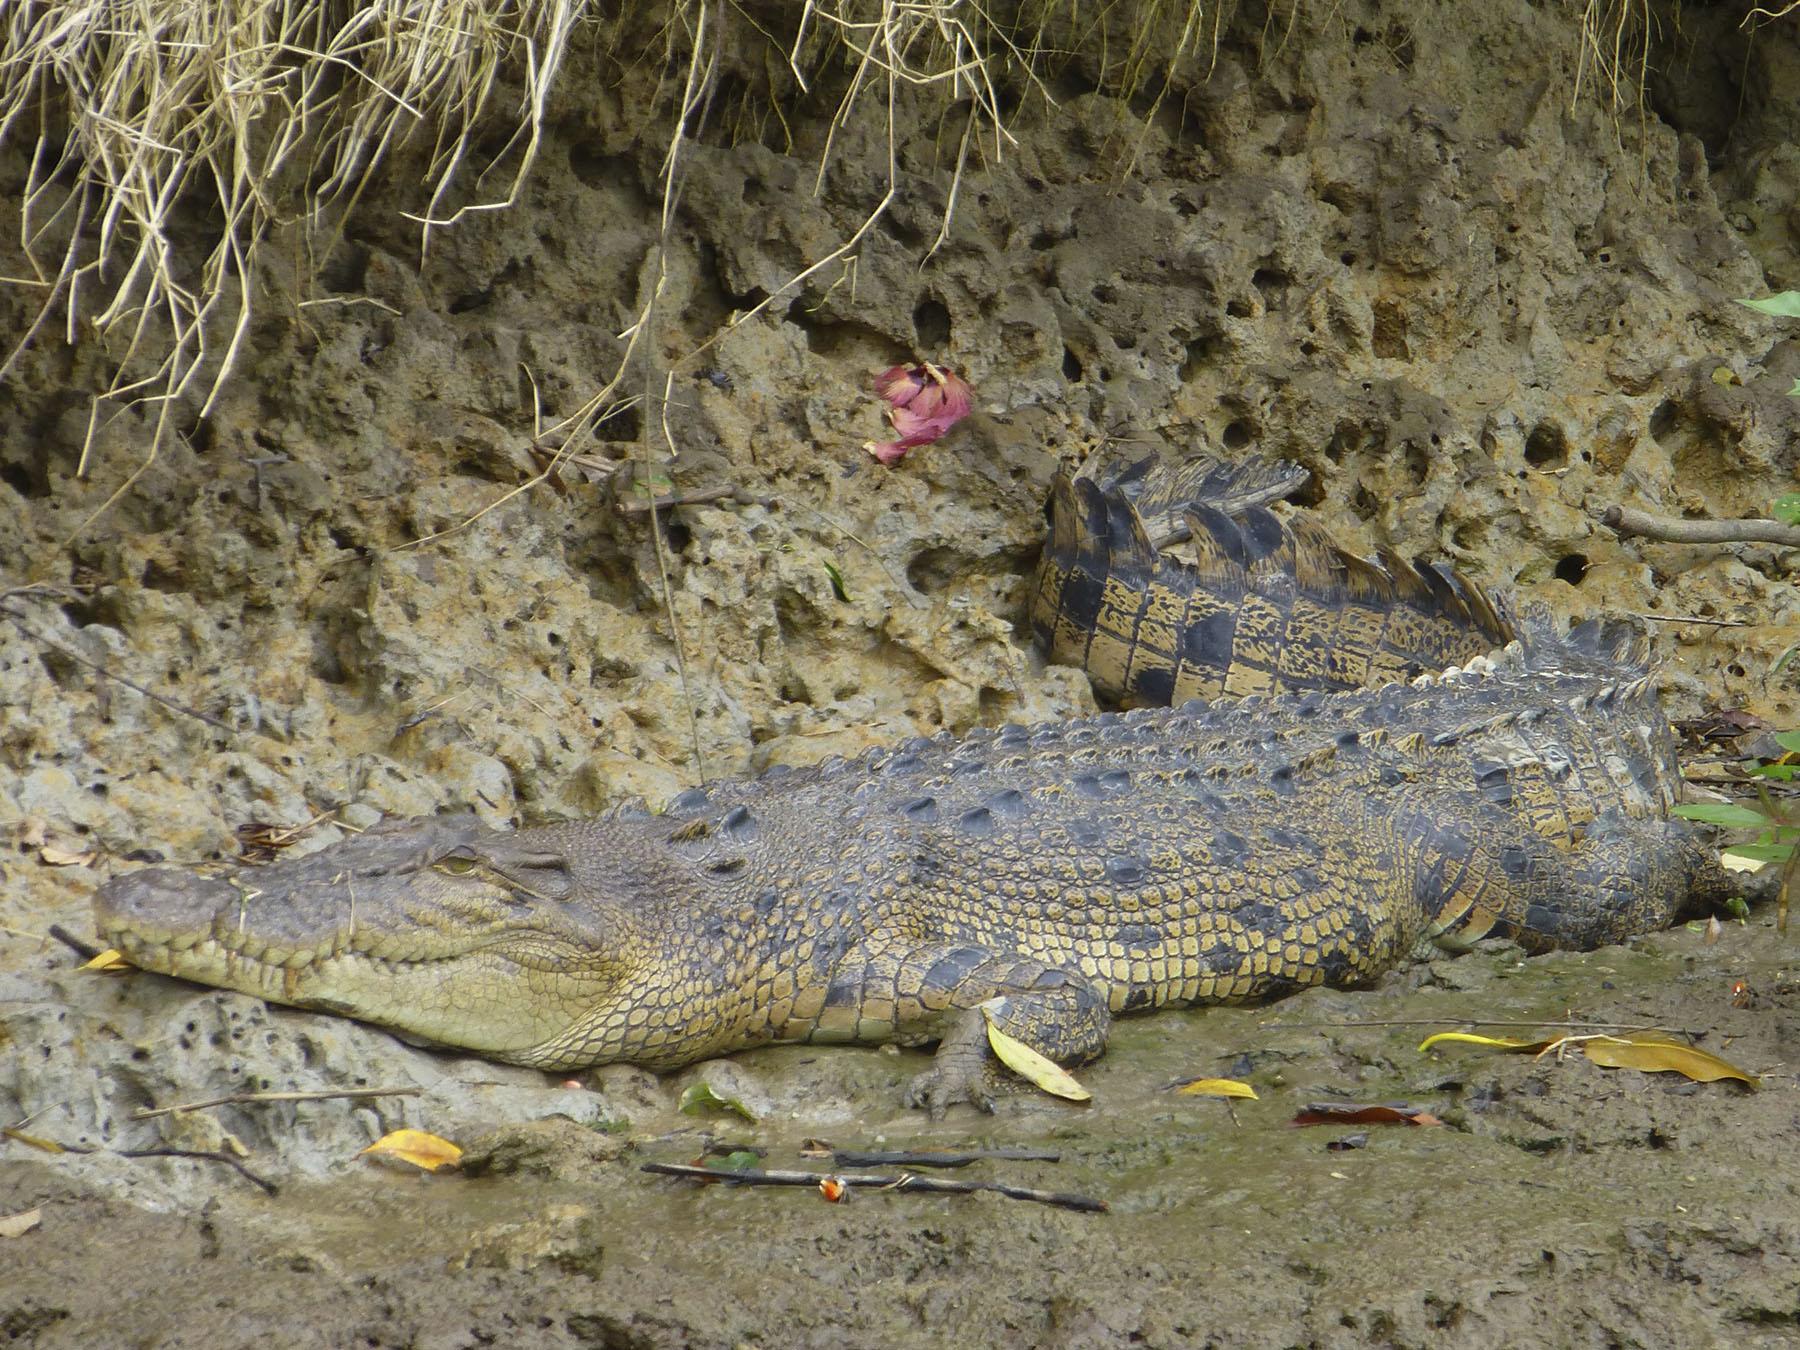 Scooter, The Adolescent Crocodile